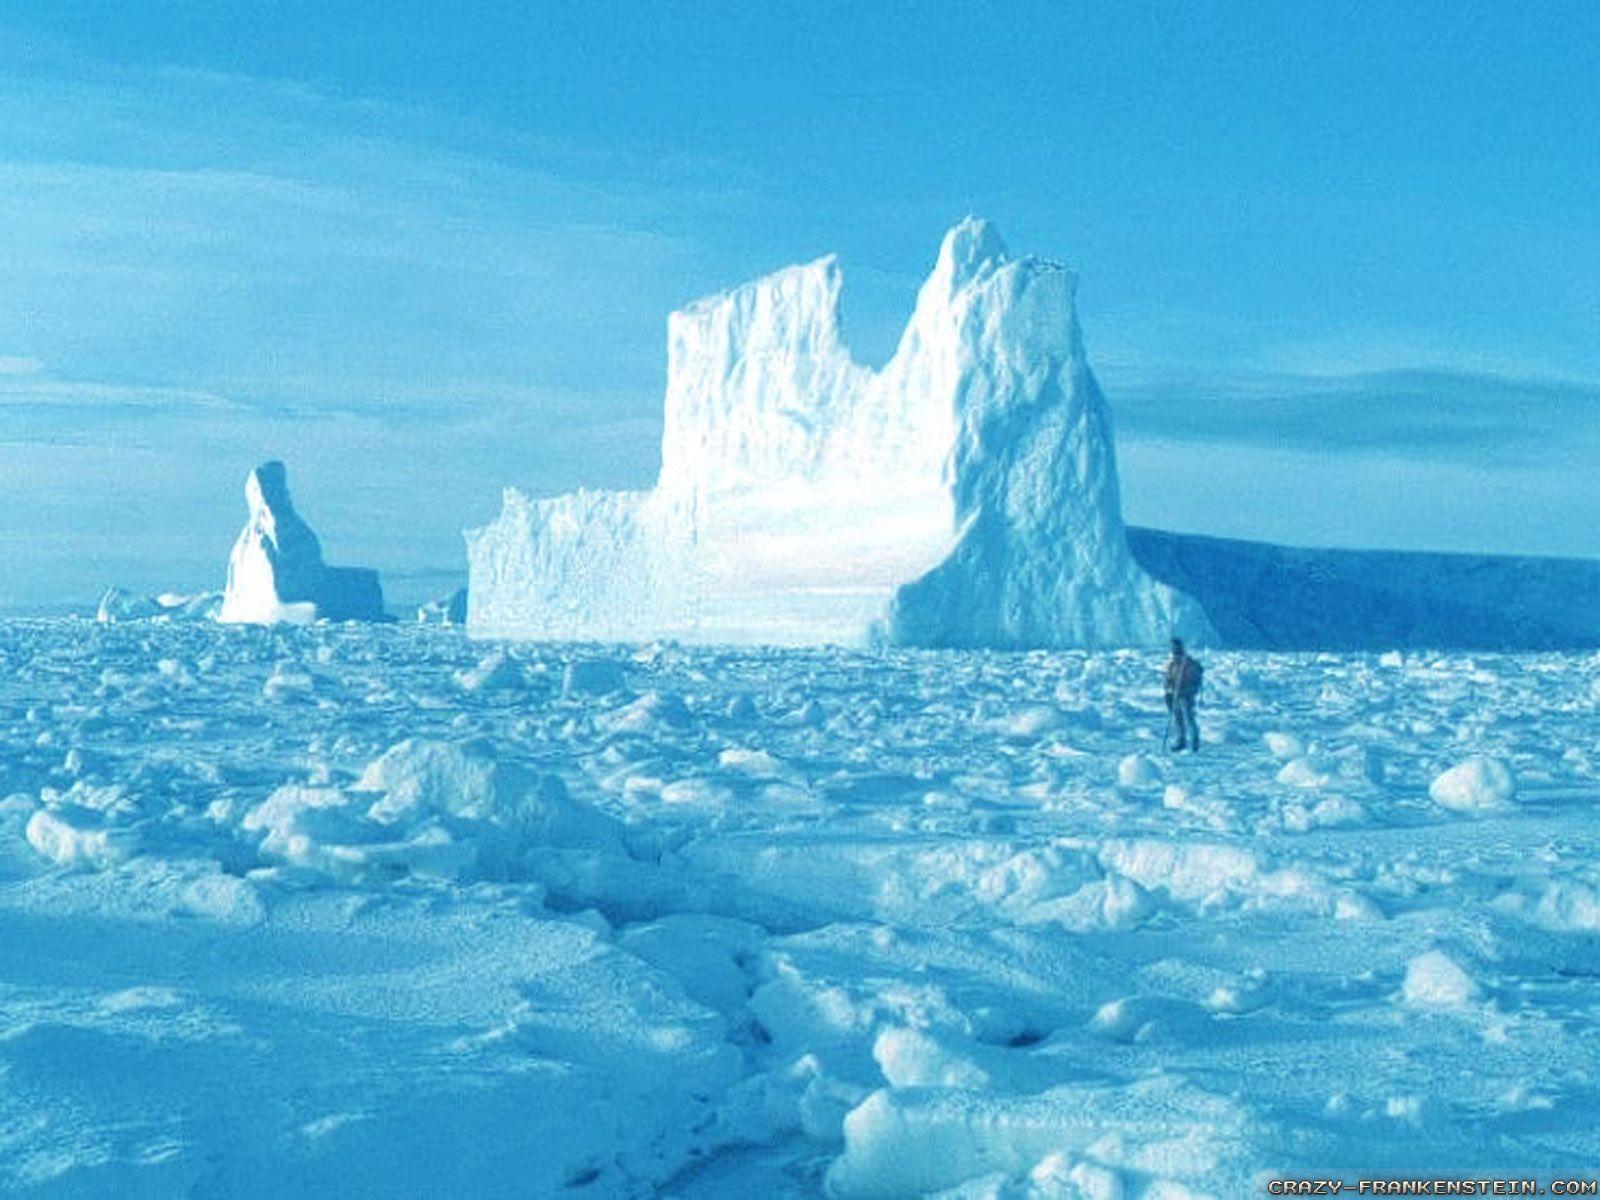 Antarctica Wallpapers Widescreen - wallpaper.